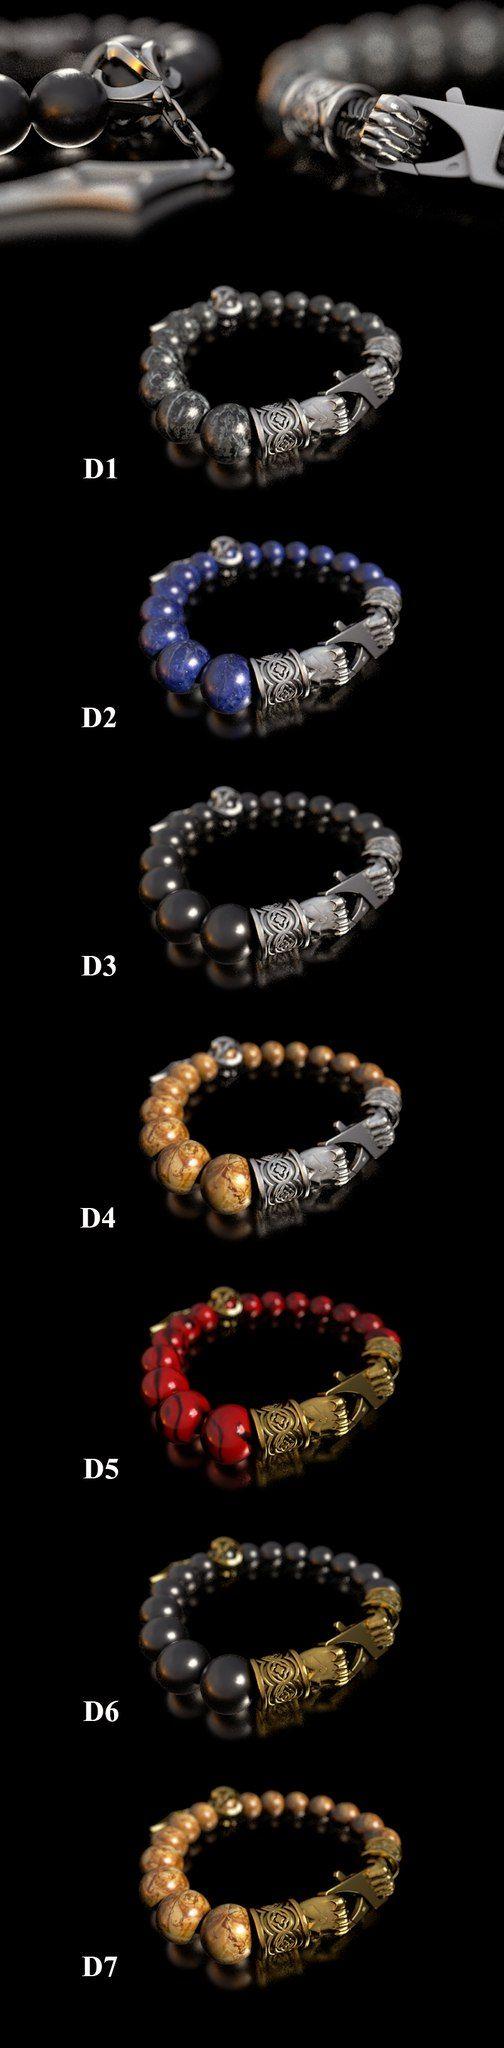 Новые серебряные браслеты с натуральными камнями , камни могут подбираться исходя из Вашего гороскопа или других интересующих Вас жизненных ситуаций ... Привлечение Любви , Достатка, Удачи в Жизнь !!!